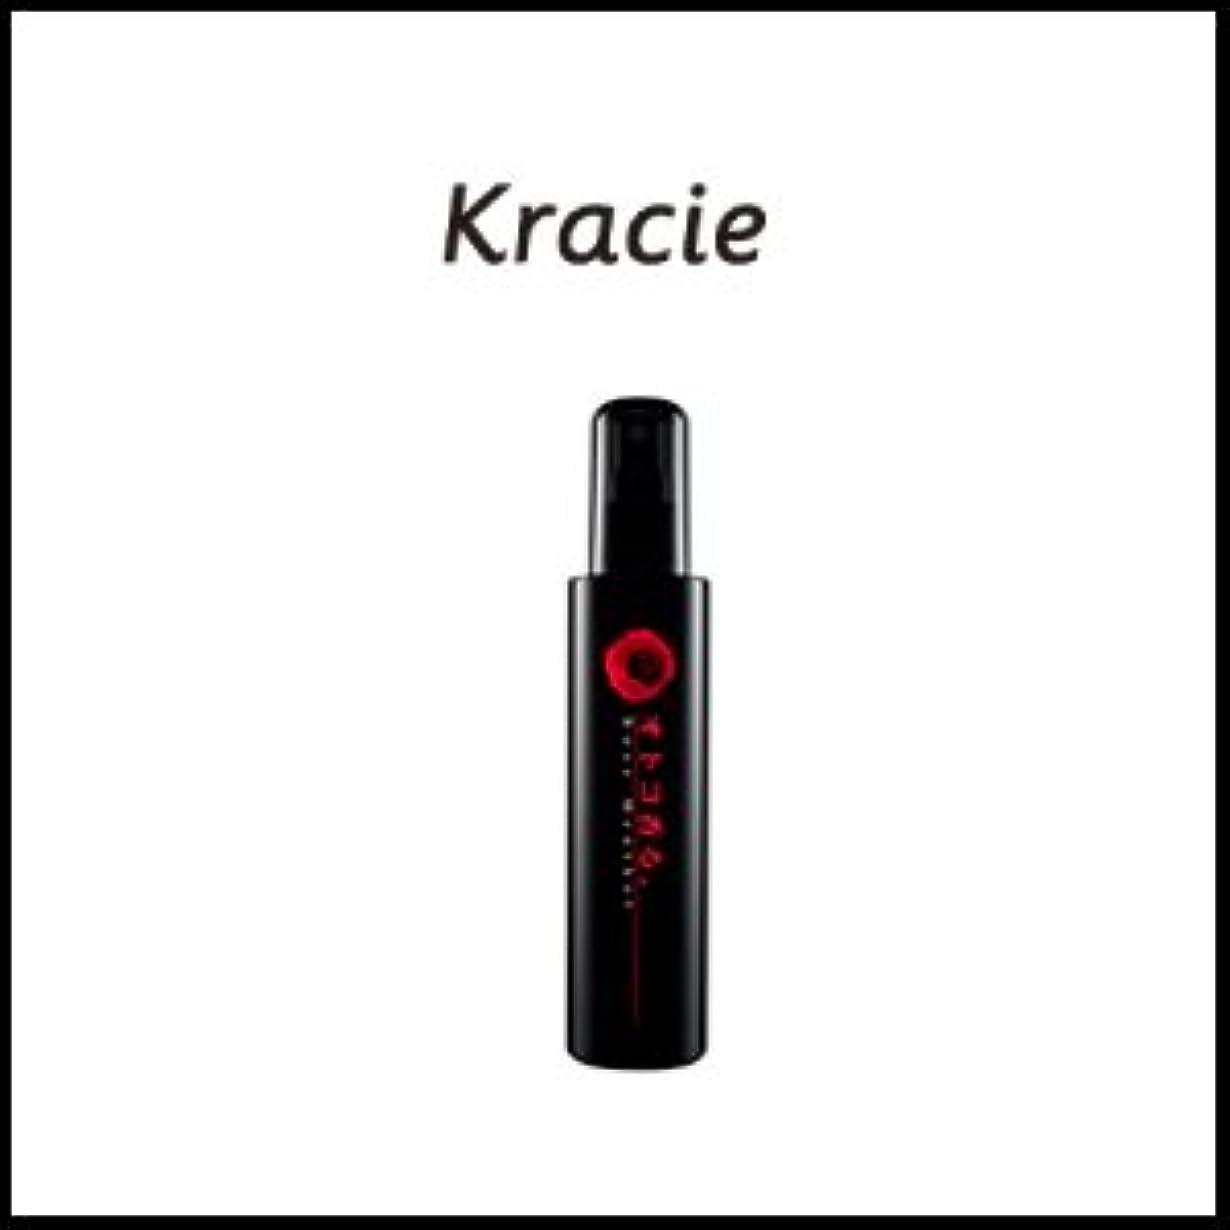 電子レンジ含める十一【X3個セット】 クラシエ オトコ香る トニック(レッドローズ) 150ml 容器入り